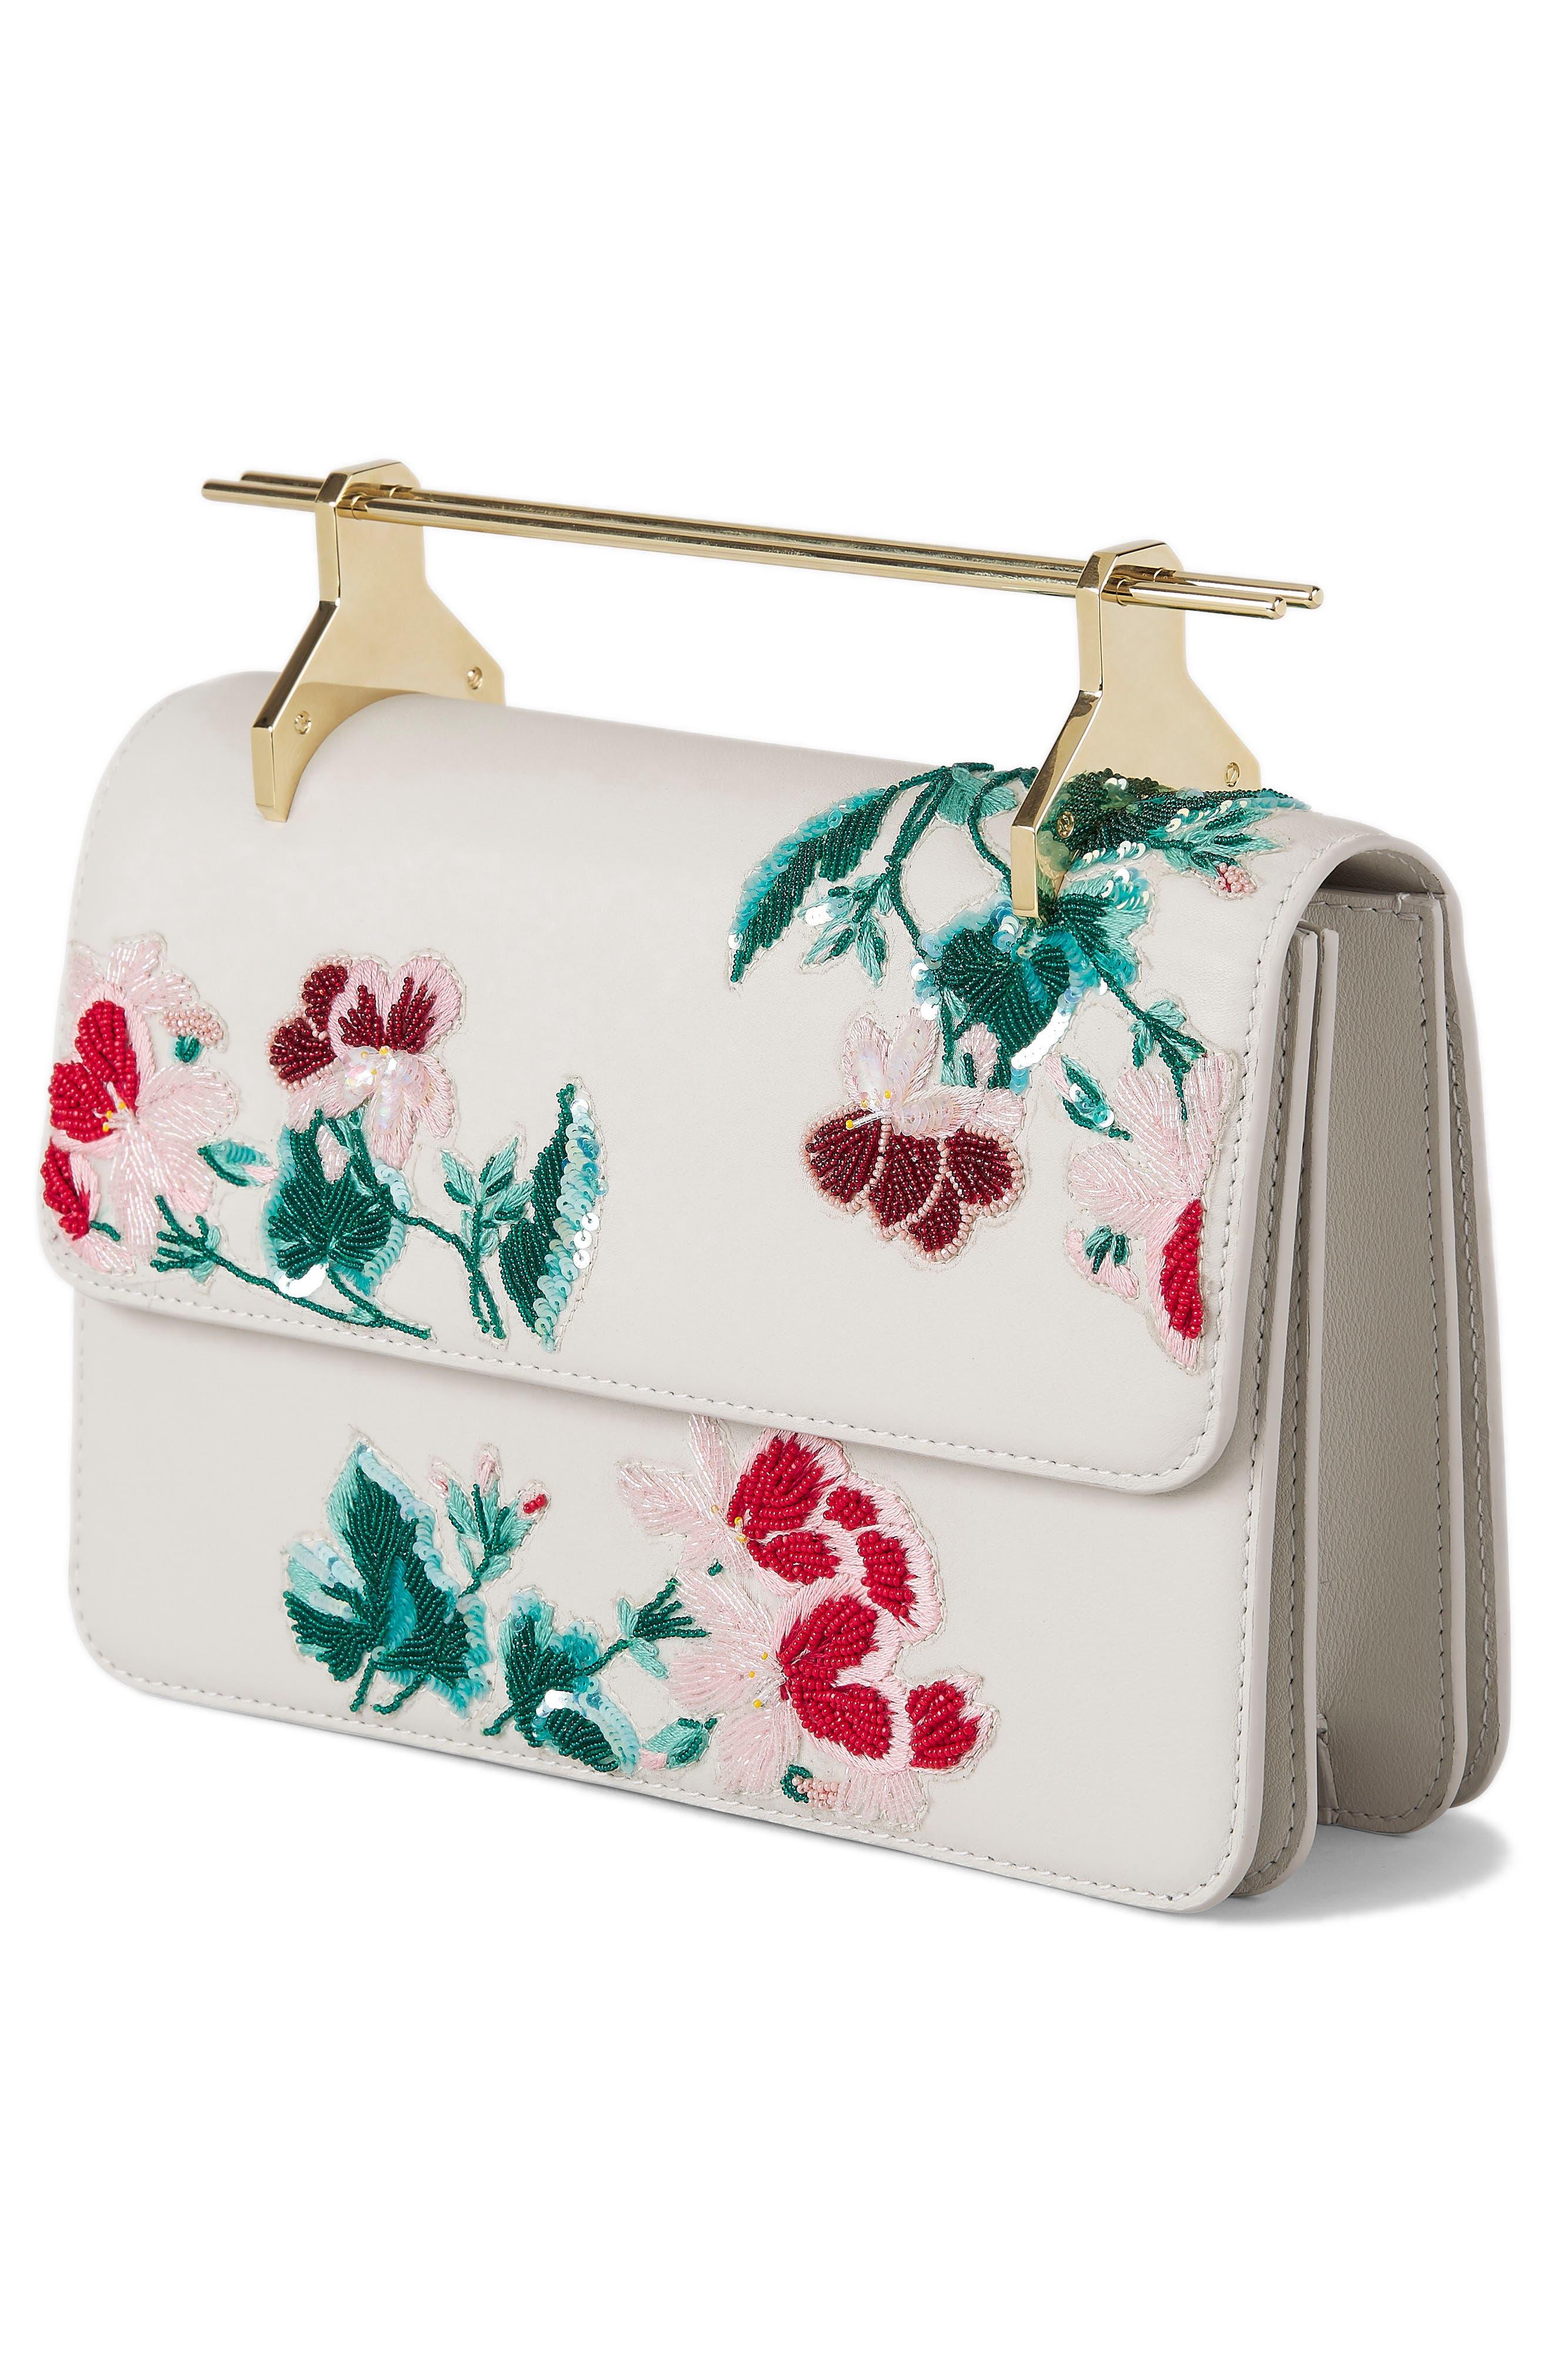 La Fleur du Mal Embellished Calfskin Leather Shoulder Bag,                             Alternate thumbnail 3, color,                             Pnk Mnt Btnical Embrdery Gld